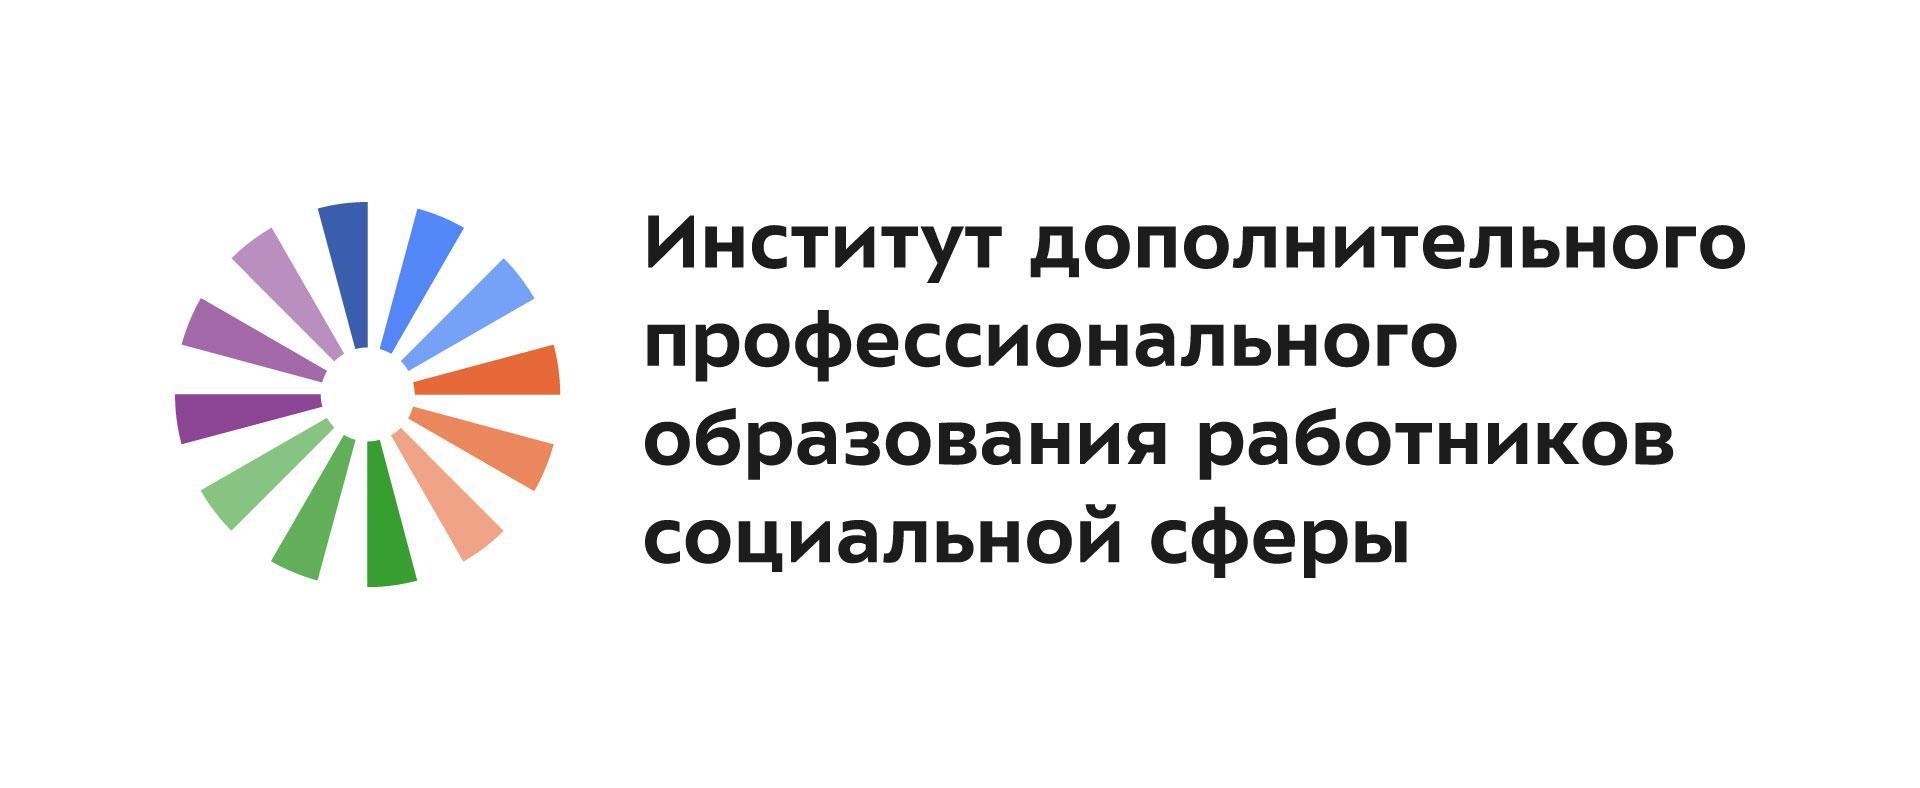 Институт дополнительного профессионального образования работников социальной сферы (ГАУ ИДПО ДТСЗН)